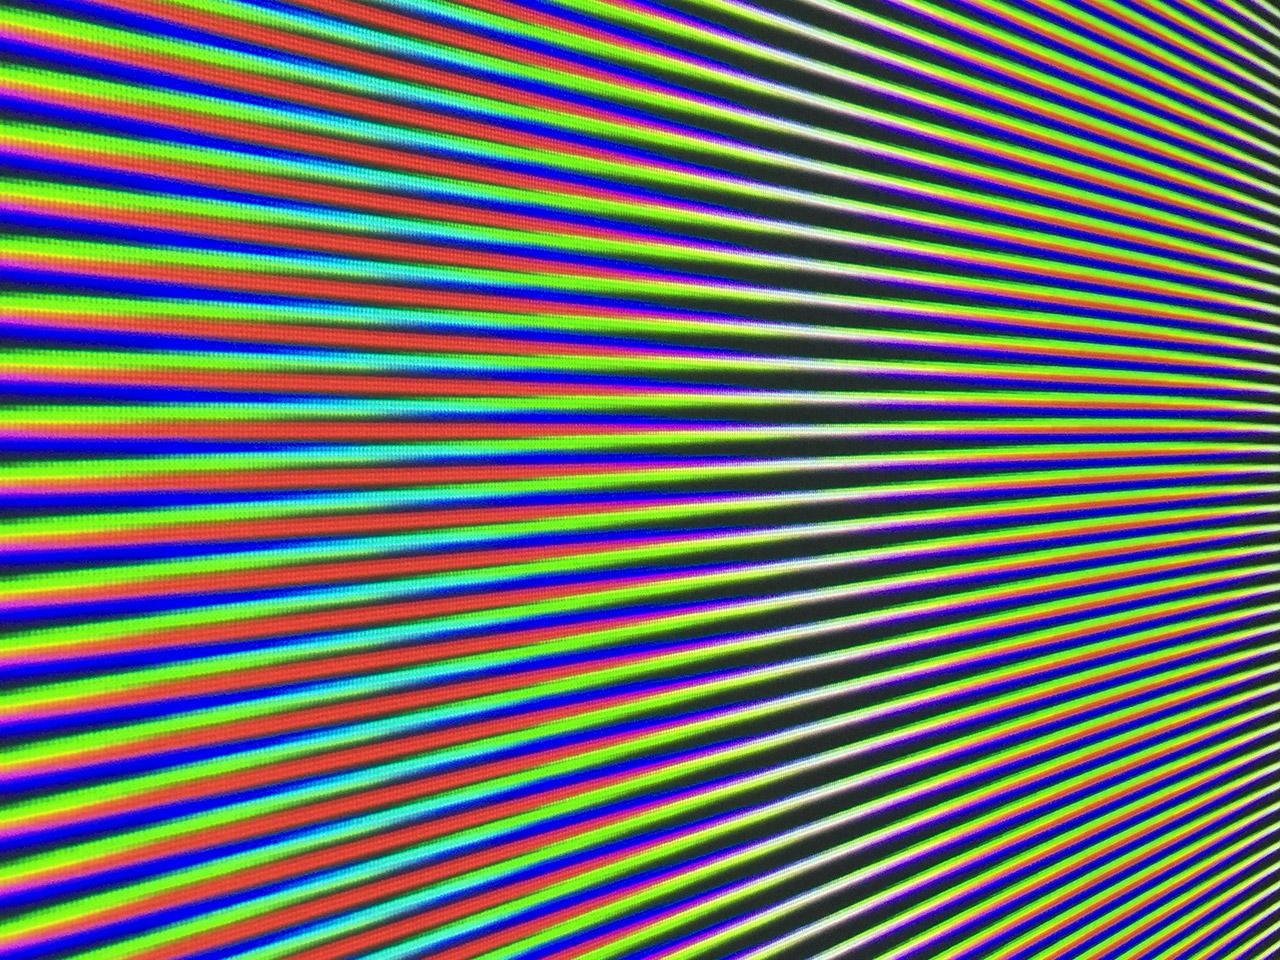 Tomek Jarolim, Continuum, 2017. Installation générative et contemplative (programme dédié, ordinateurs, vidéoprojecteurs), dimensions variables. Courtesy artiste.